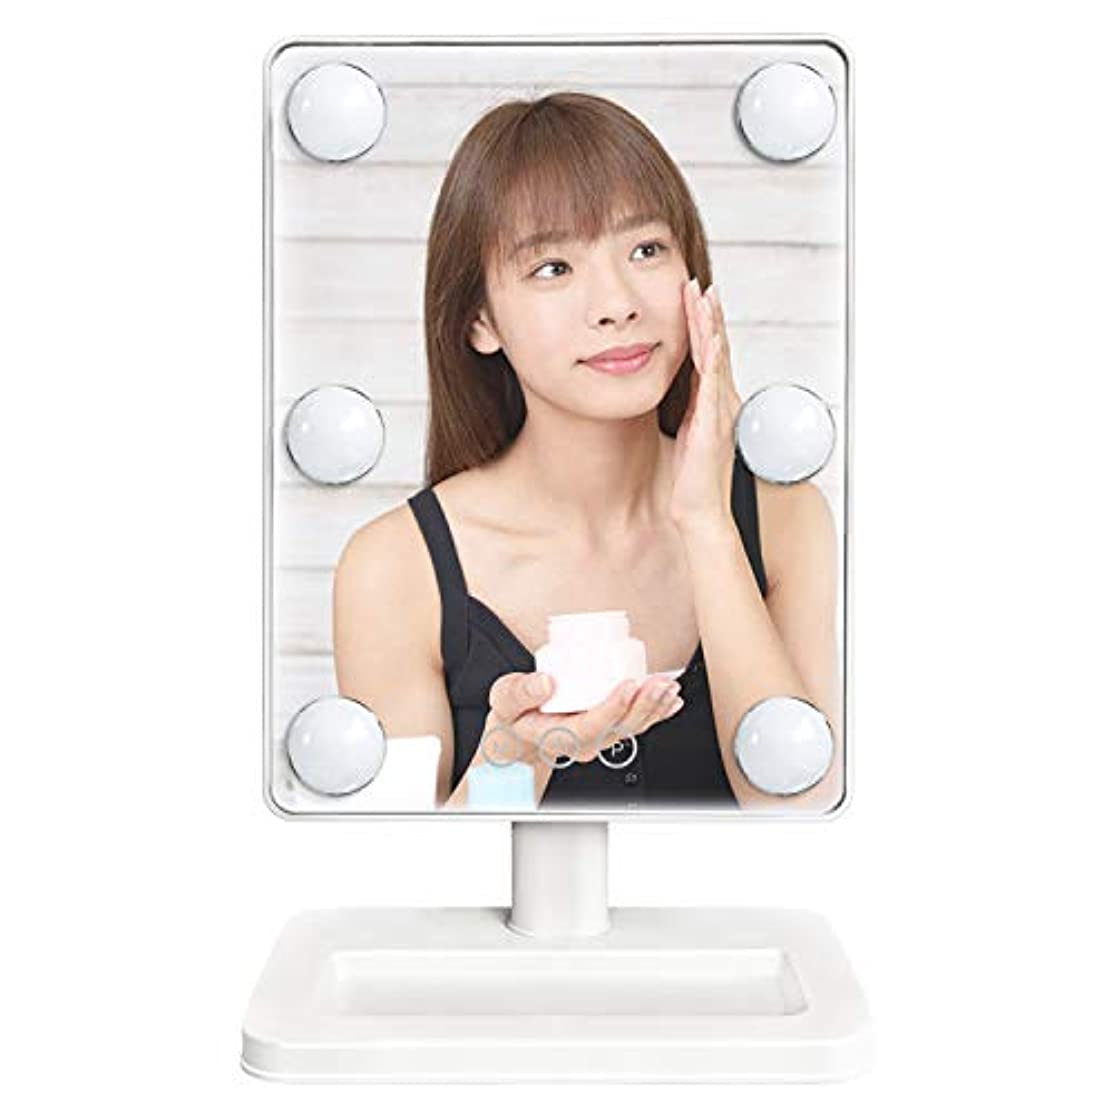 吐くおもてなしグリーンランド鏡 スタンドミラー 卓上ミラー led付き 女優ミラー 明るさ調節可能 電球が6個 化粧鏡 360°回転 3色調光ハリウッドミラー 電池&USB 2WAY給電 Luuhann (ホワイト)